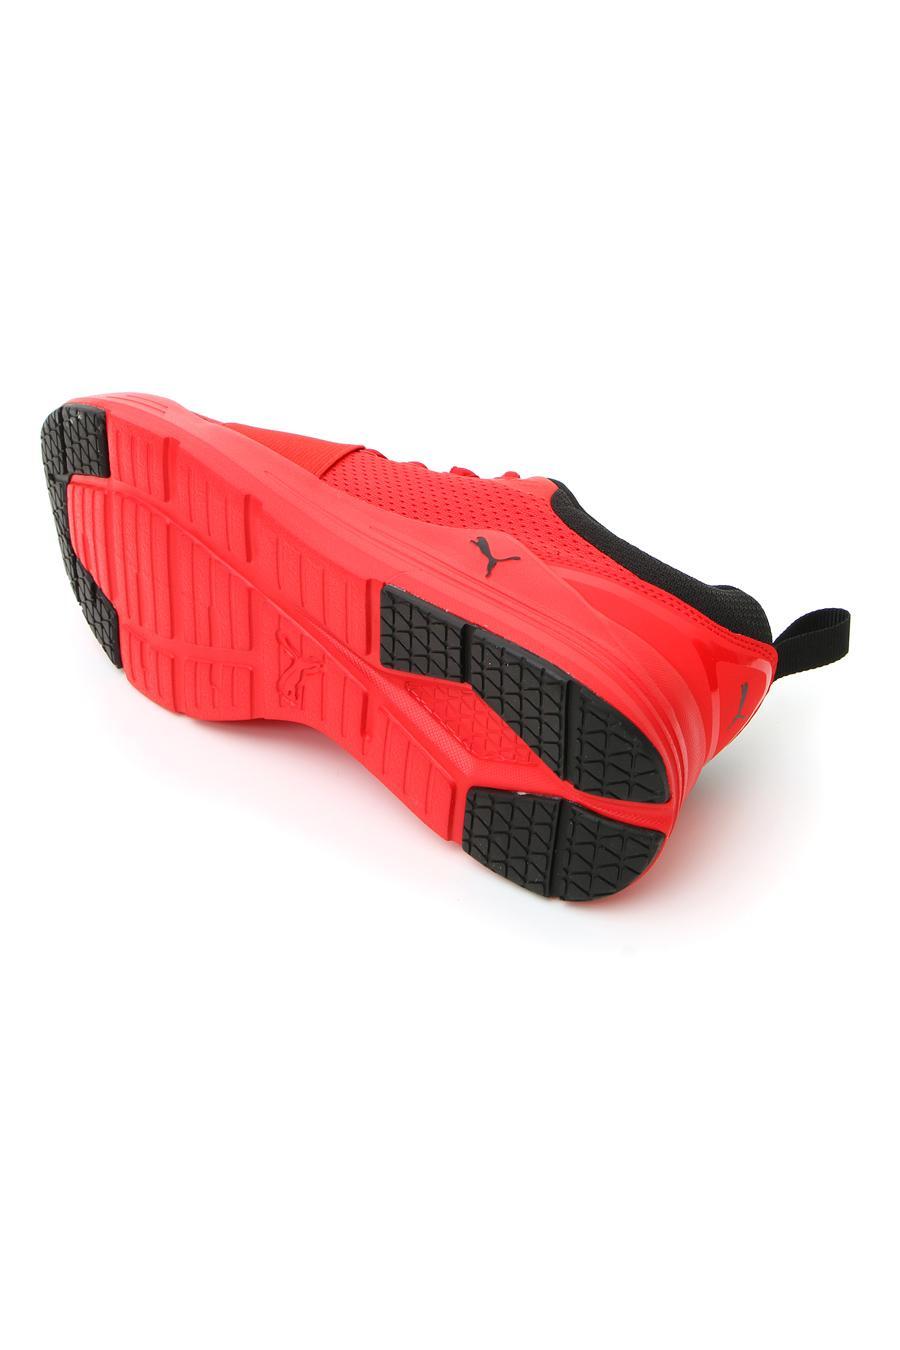 SNEAKERS uomo rosso Puma 37301505 | Pittarello